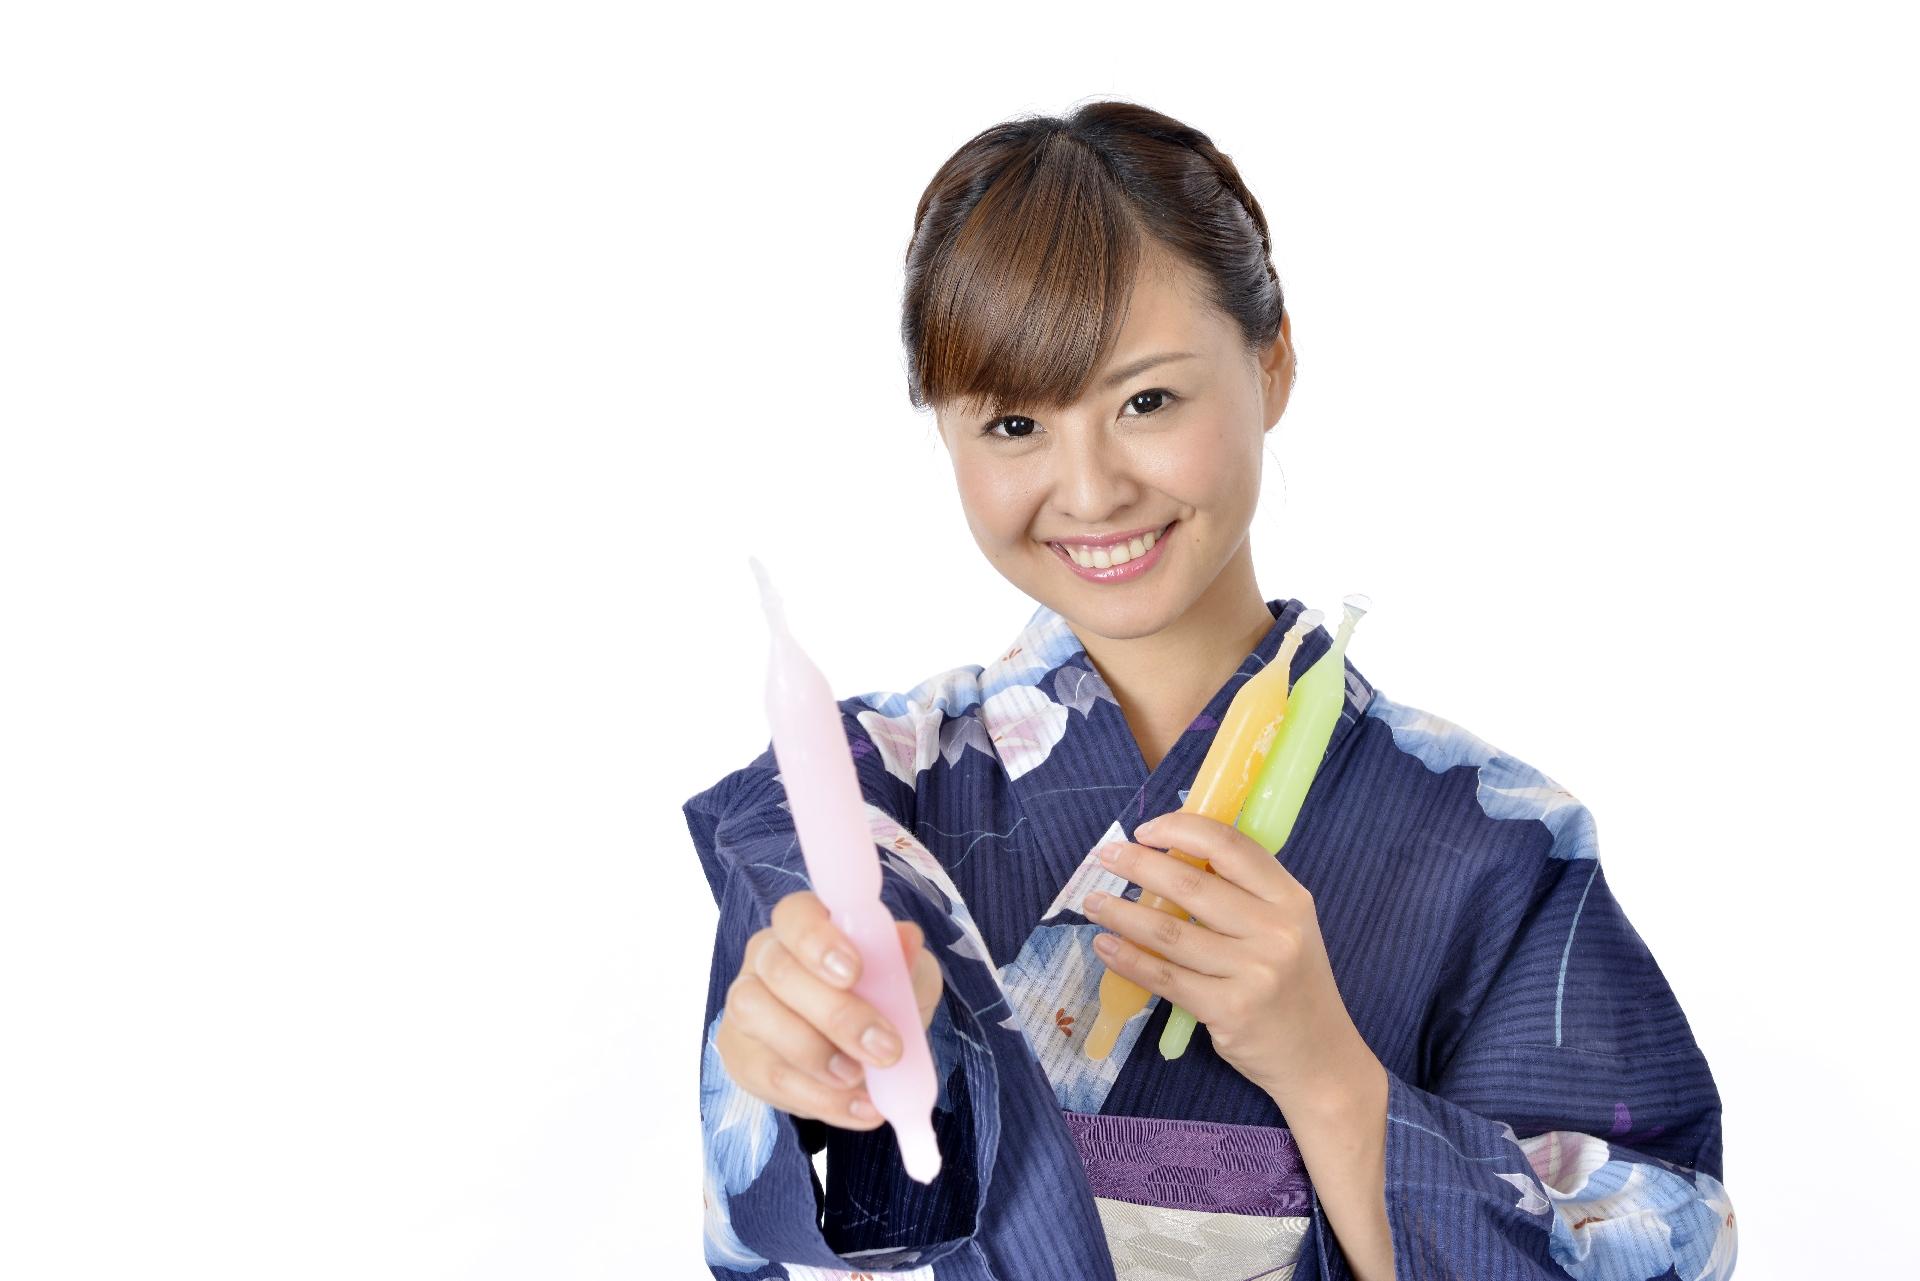 高松で脱毛するならミュゼ高松店【予約可】高松市三条町|三条駅